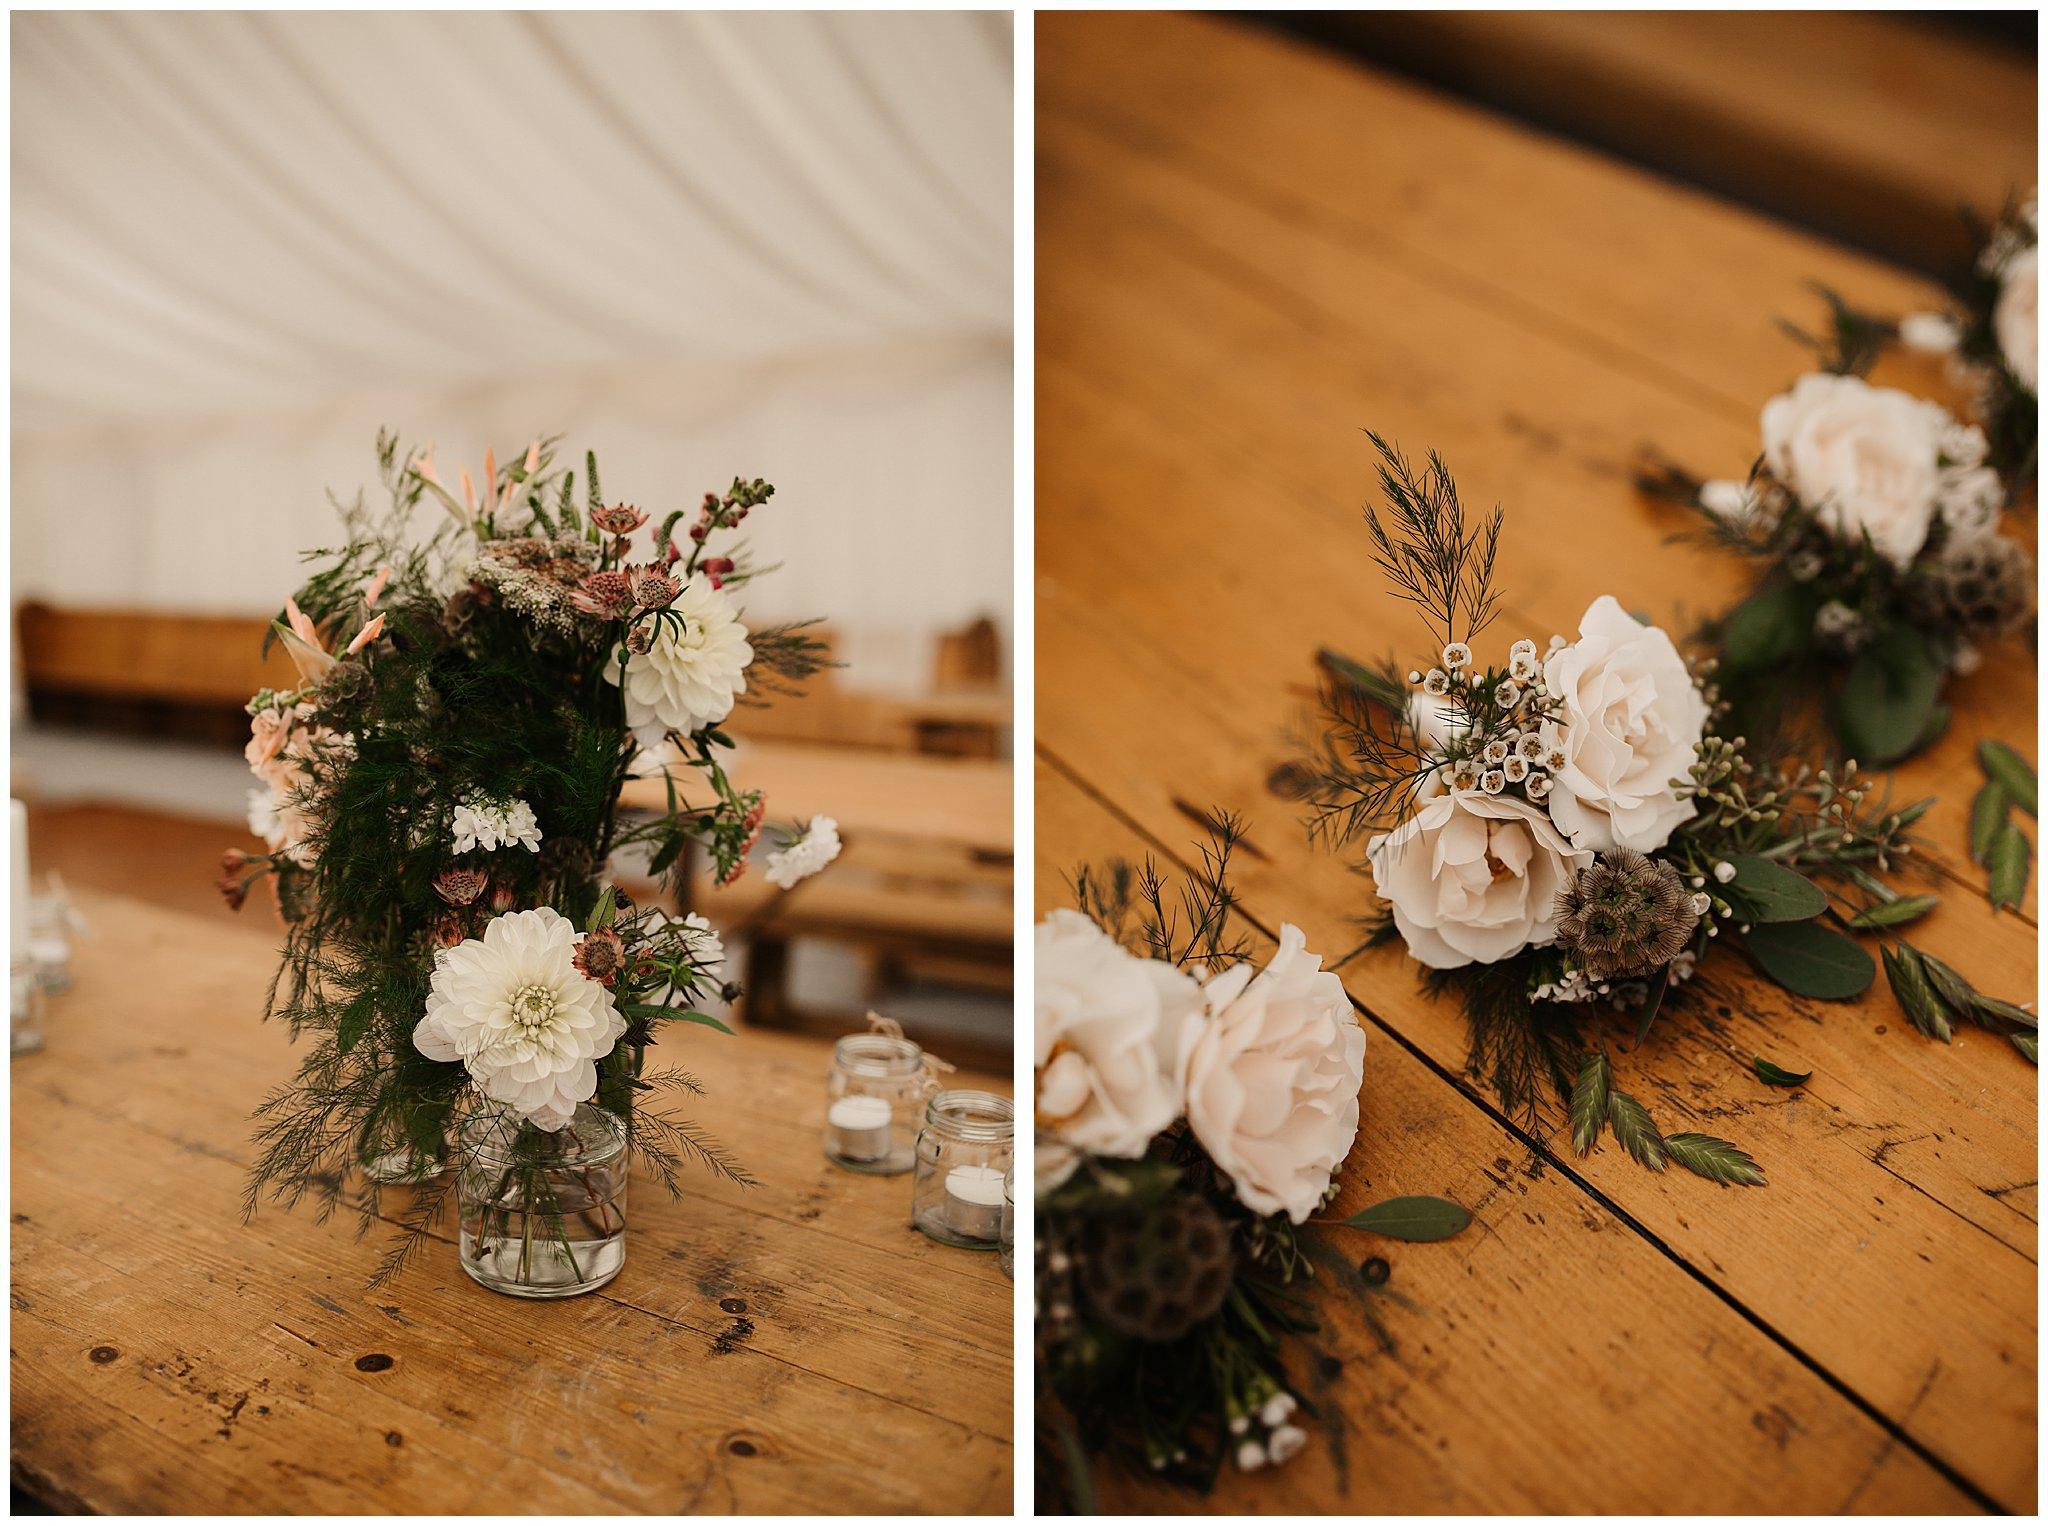 Max & Ksenia Autumnal Wiltshire Wedding-21.jpg